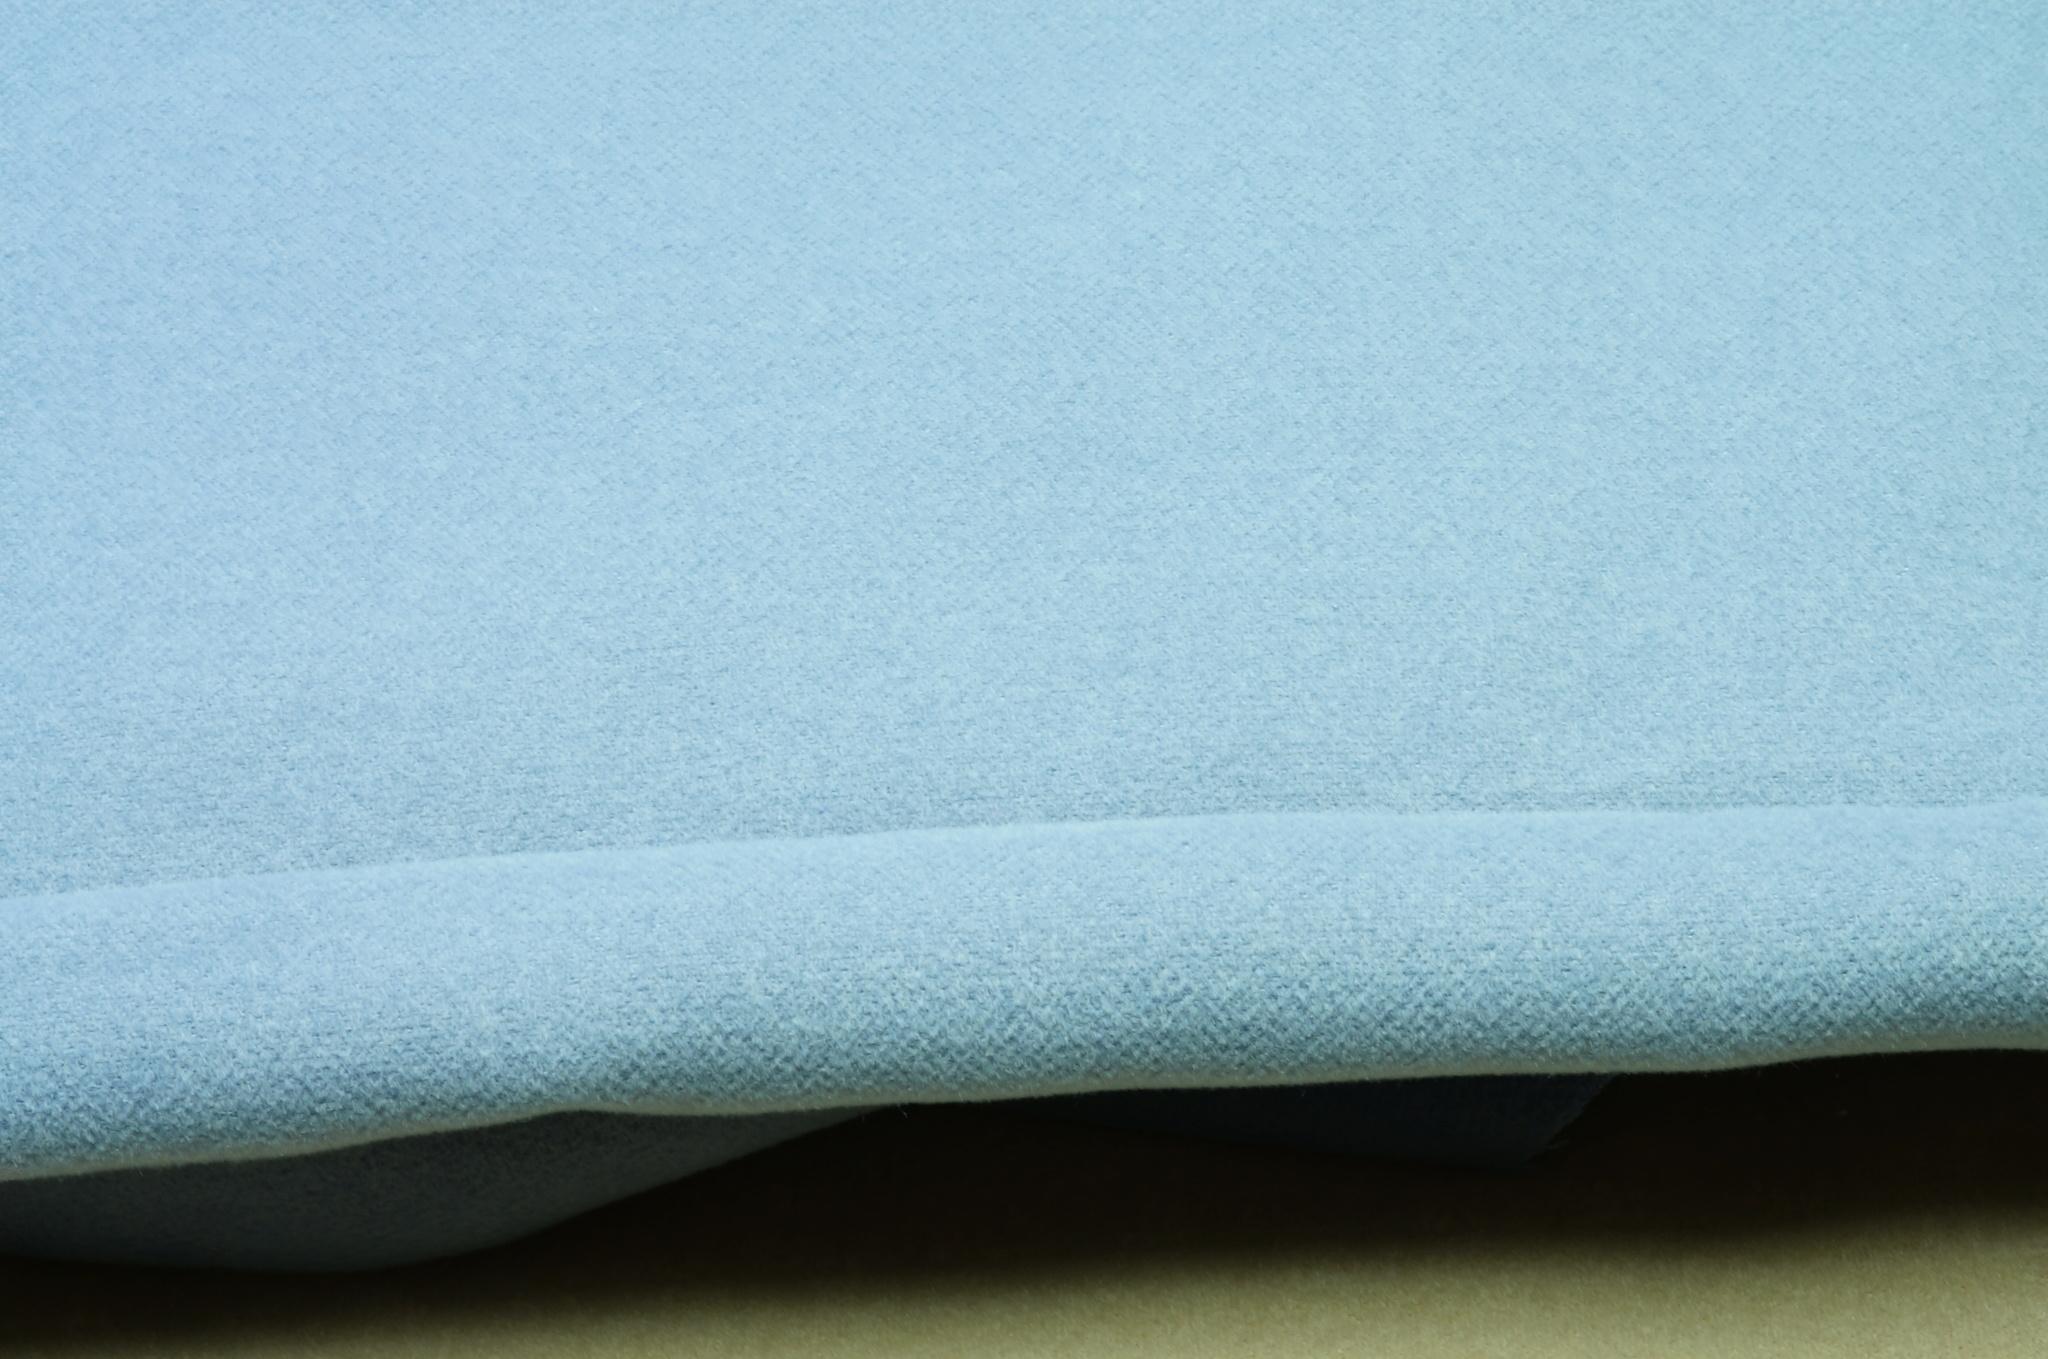 Обшивка потолка Газ 21 байка велюр сине-серый